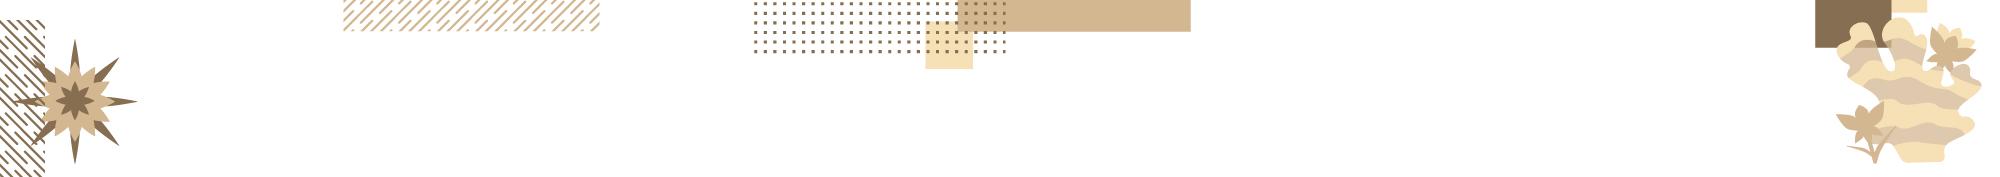 gingertop2.jpg